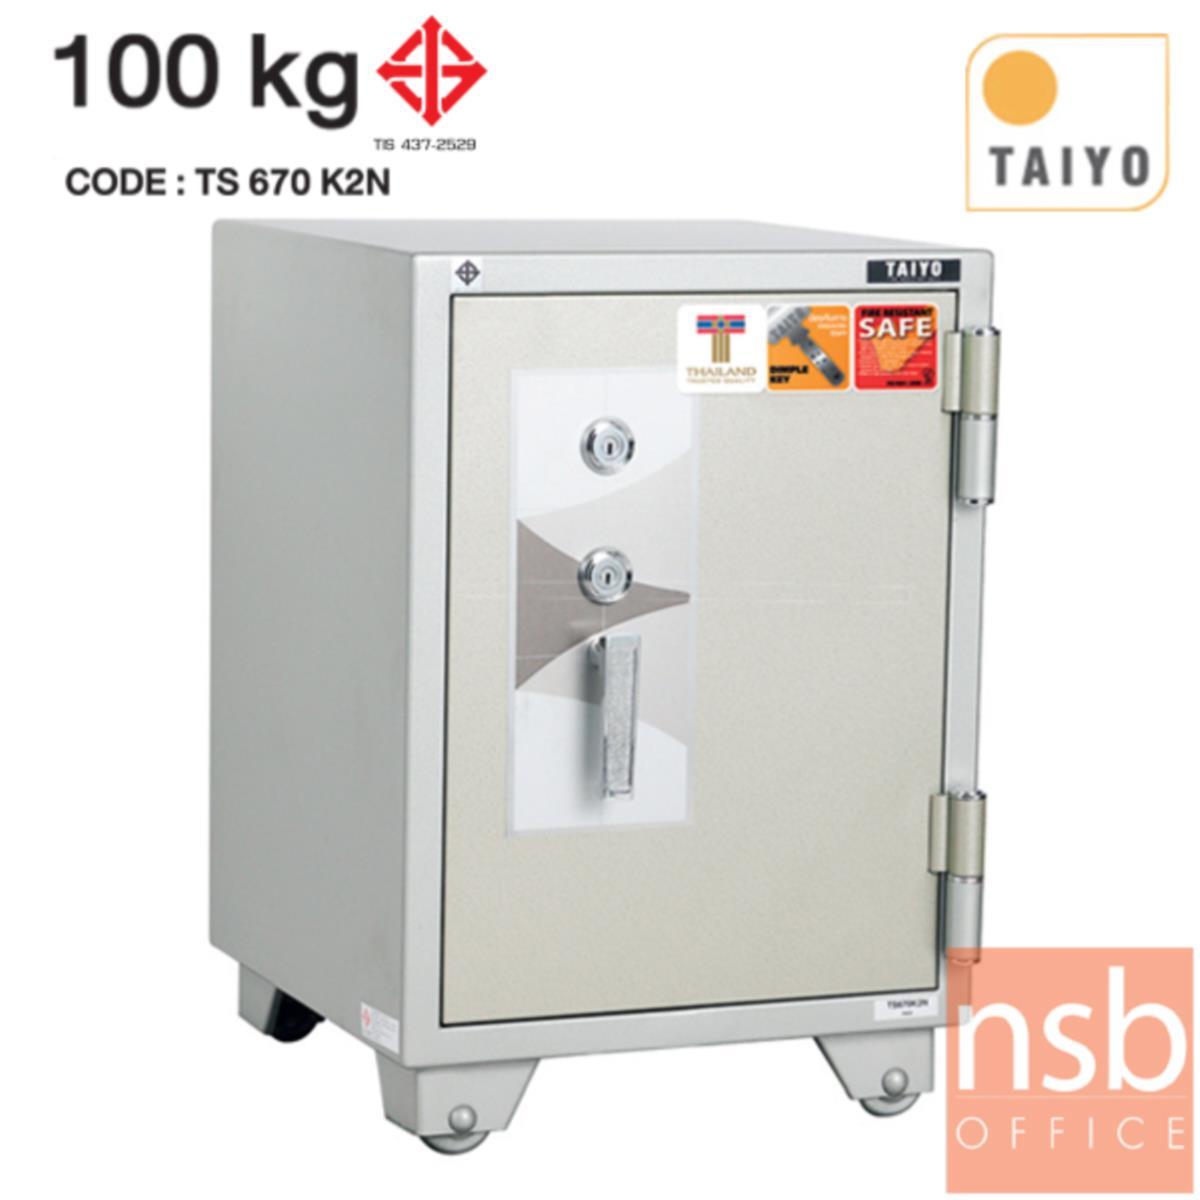 F01A006:ตู้เซฟ TAIYO 100 กก. 2 กุญแจ ไม่มีรหัส   (TS 670 K2N มอก.)